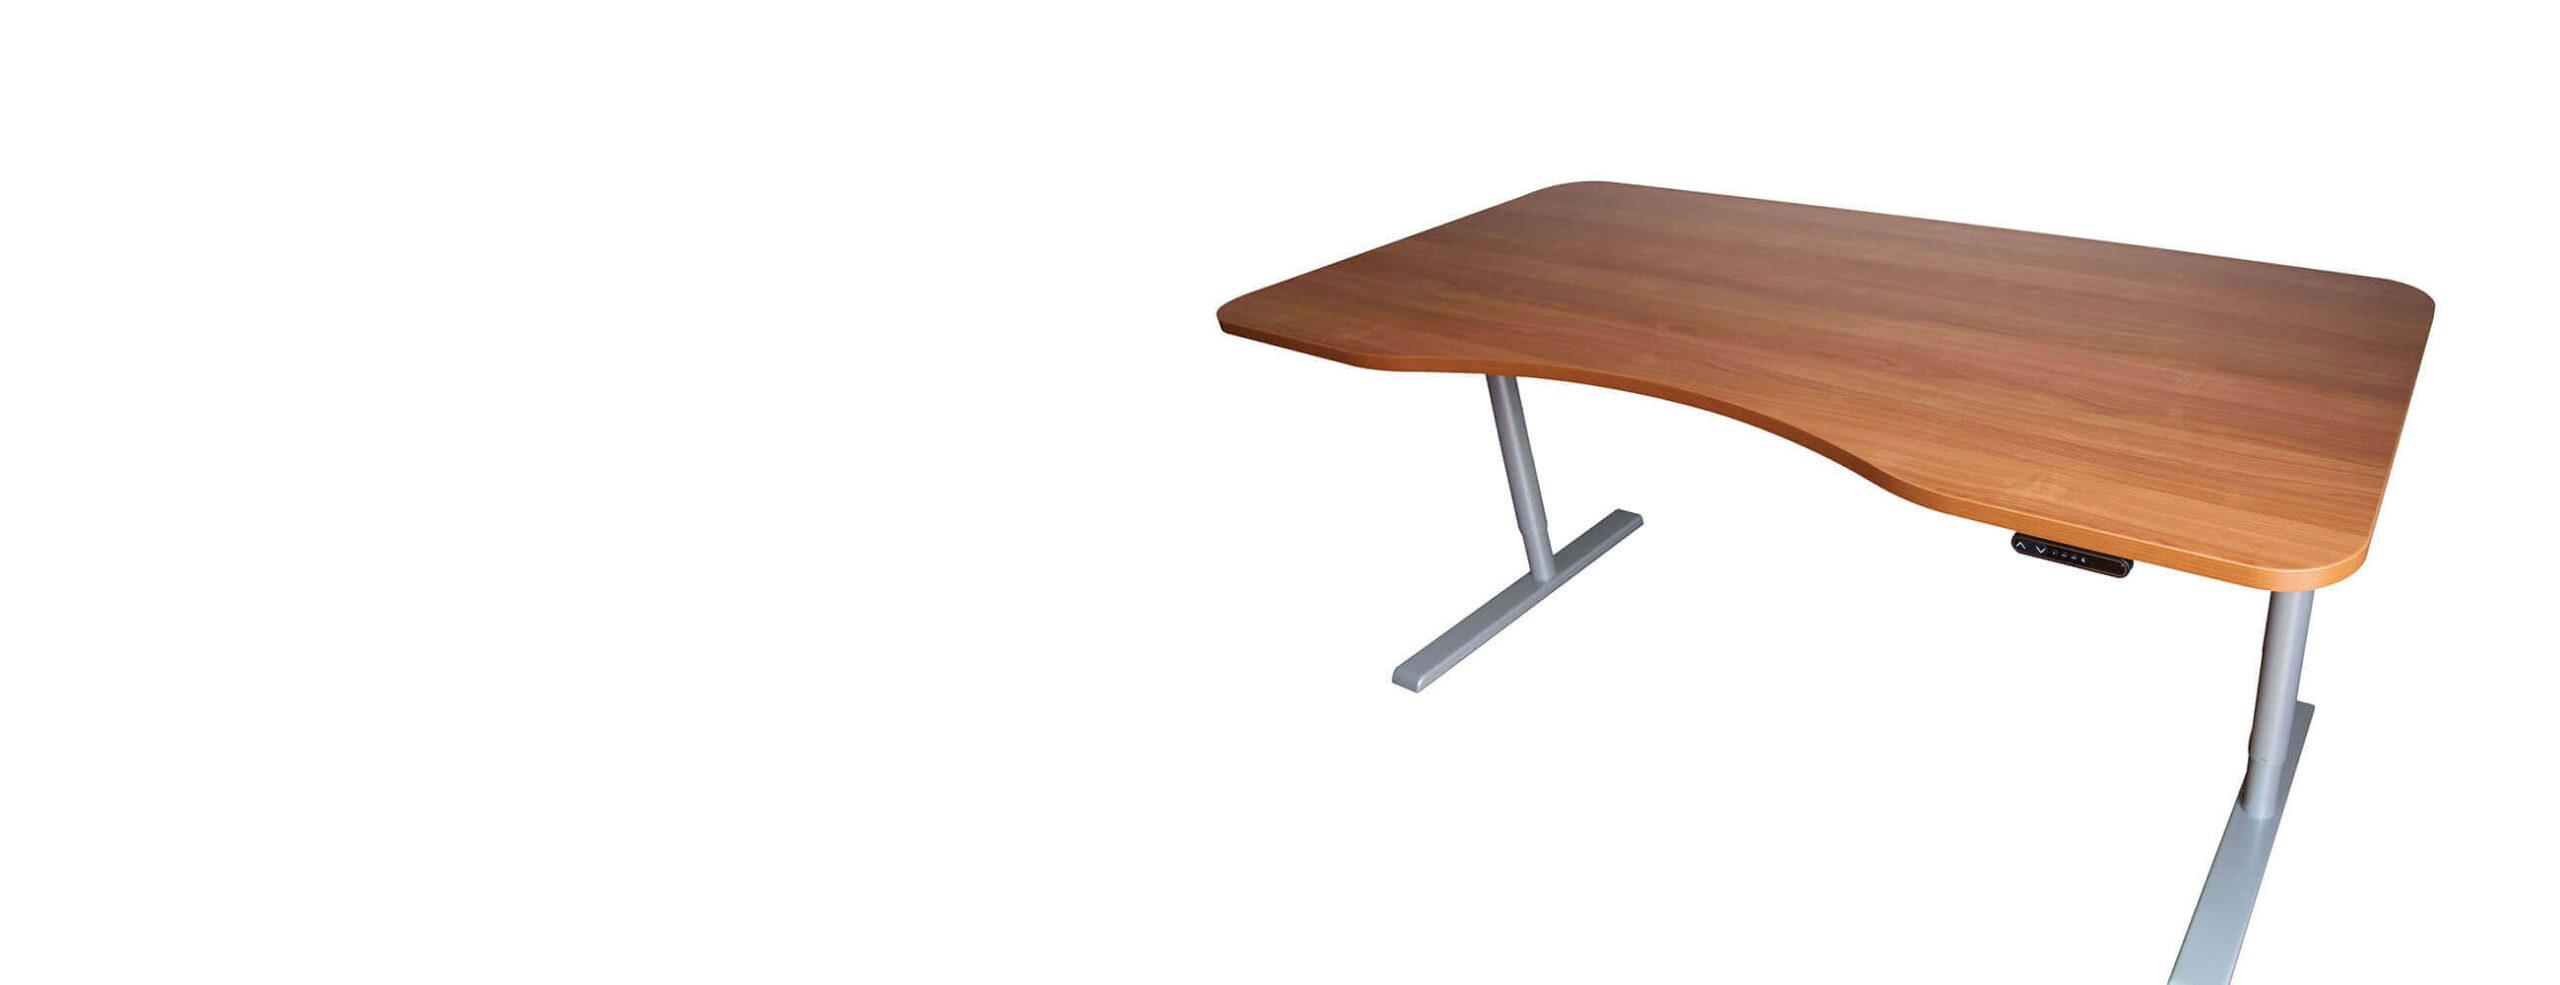 2-DL11-ERgomotion-Sit-Stand-desk-banner